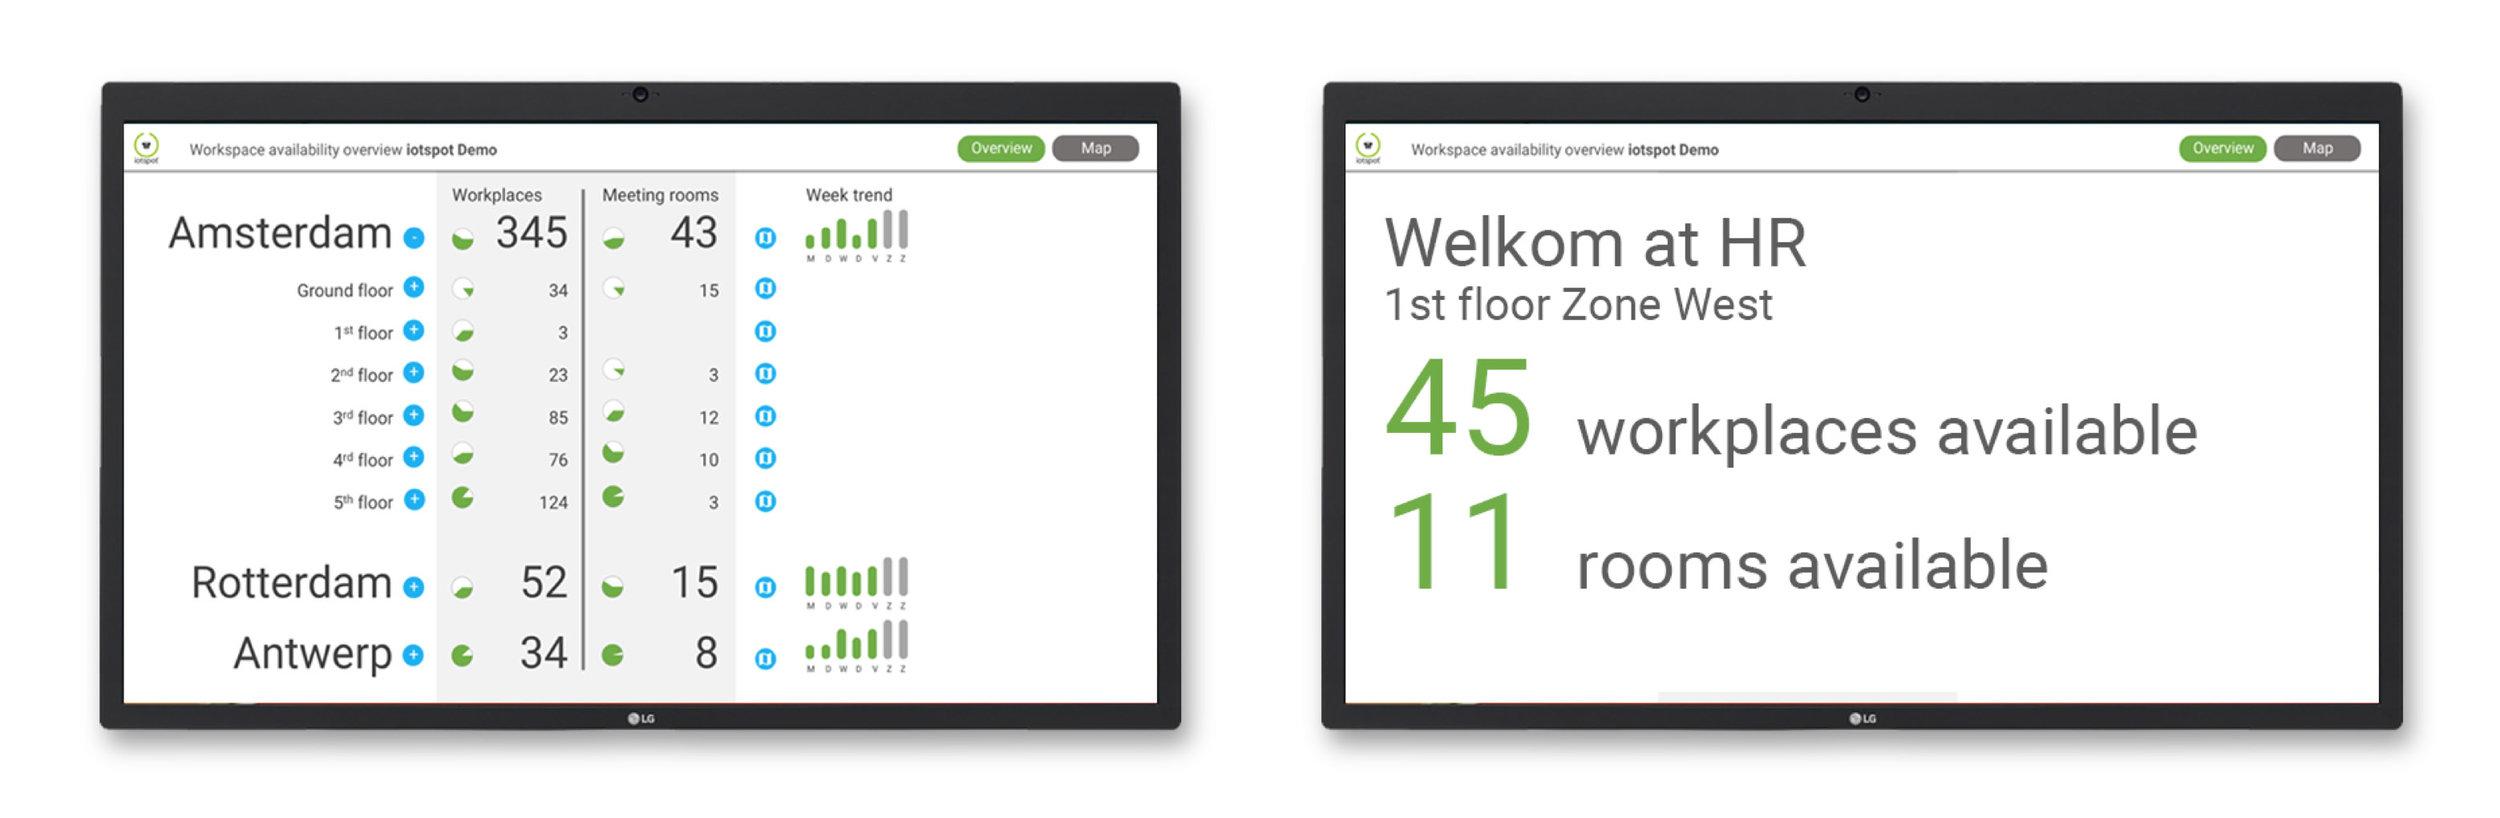 iotspot availability lobby screen.jpg